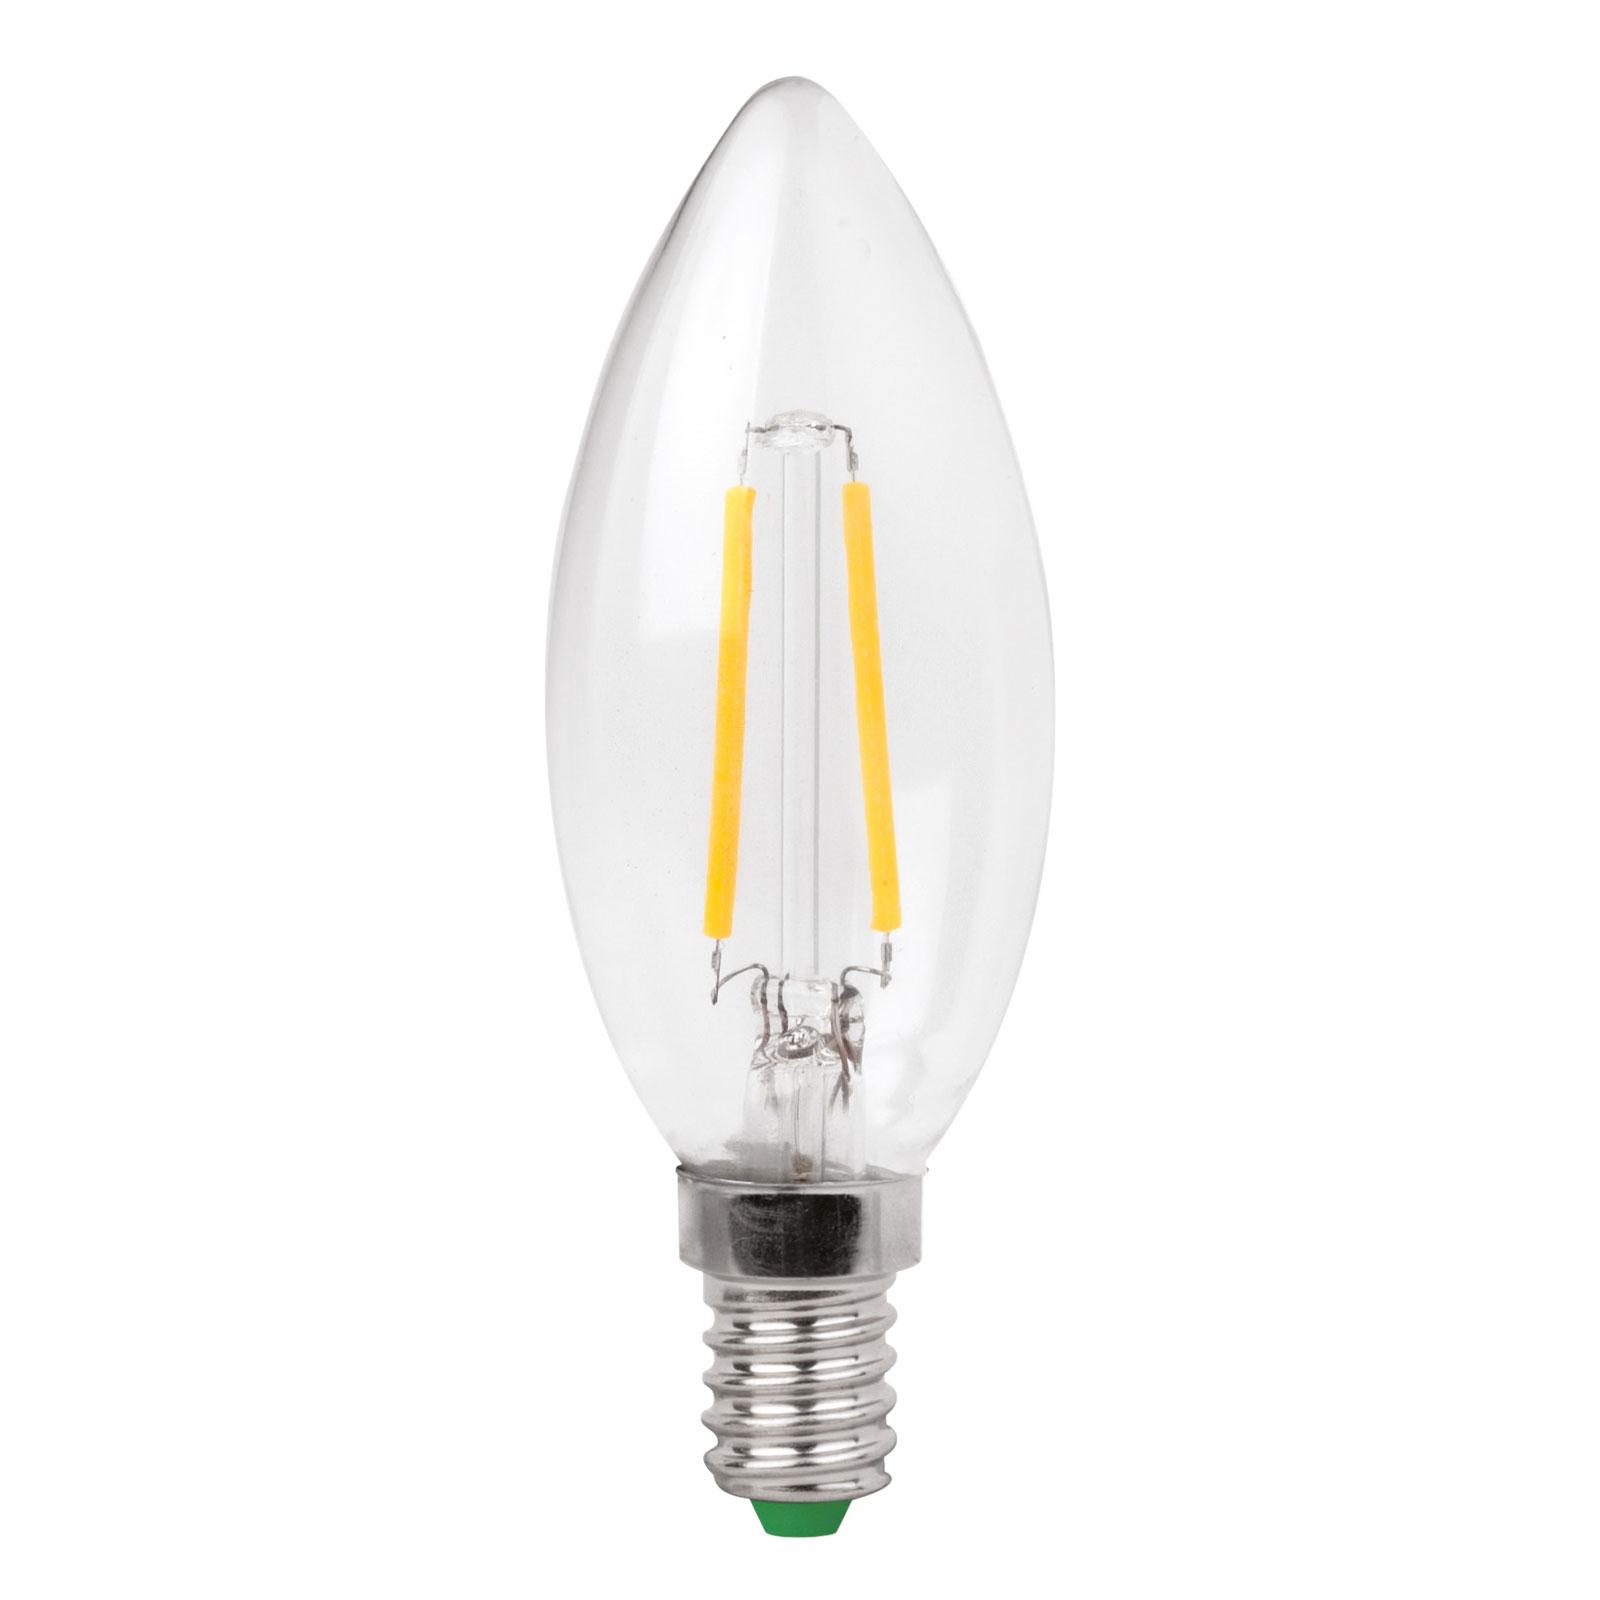 LED-kertepære E14 3W filament, klar, varmhvid